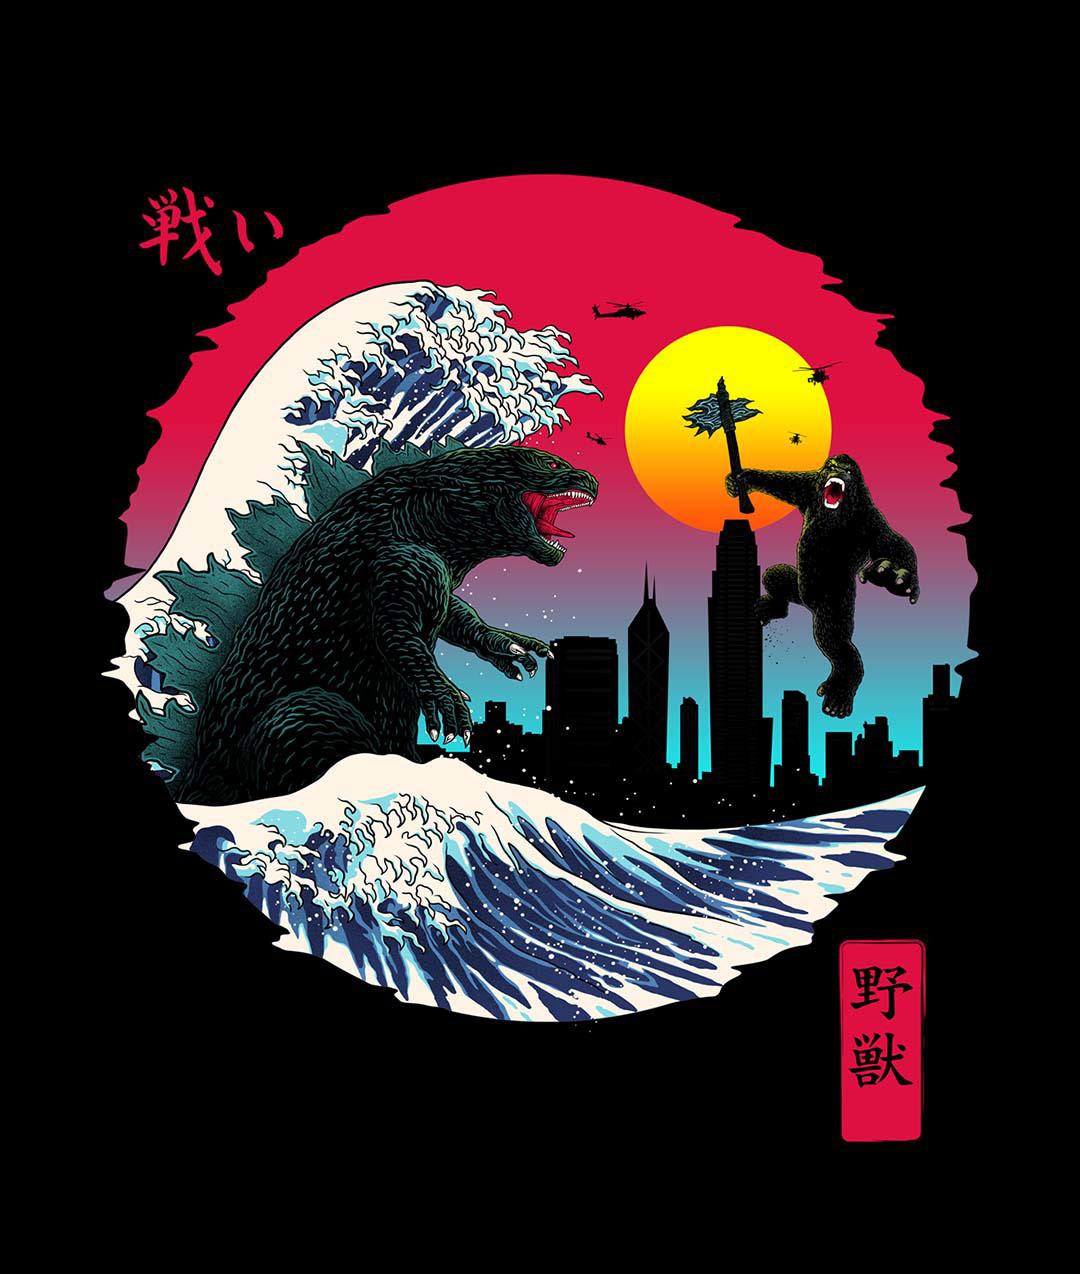 fanart godzilla GodzillavsKong gojira graphic design  kaiju kingkong mechagodzilla Monsterverse movie